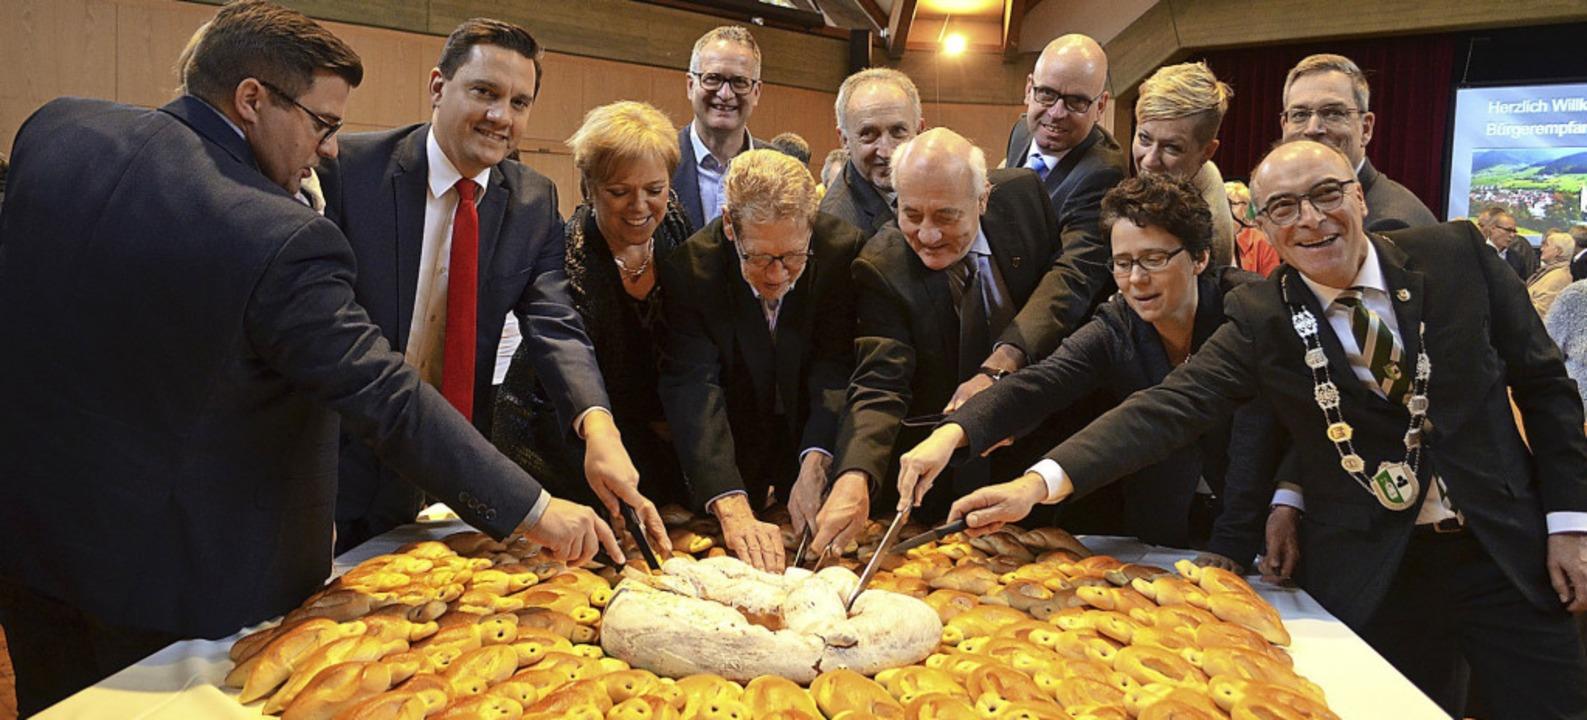 Am Ende des Bürgerempfangs schnitten B...d die Ehrengäste den Klausenwecken an.  | Foto: Nikolaus Bayer